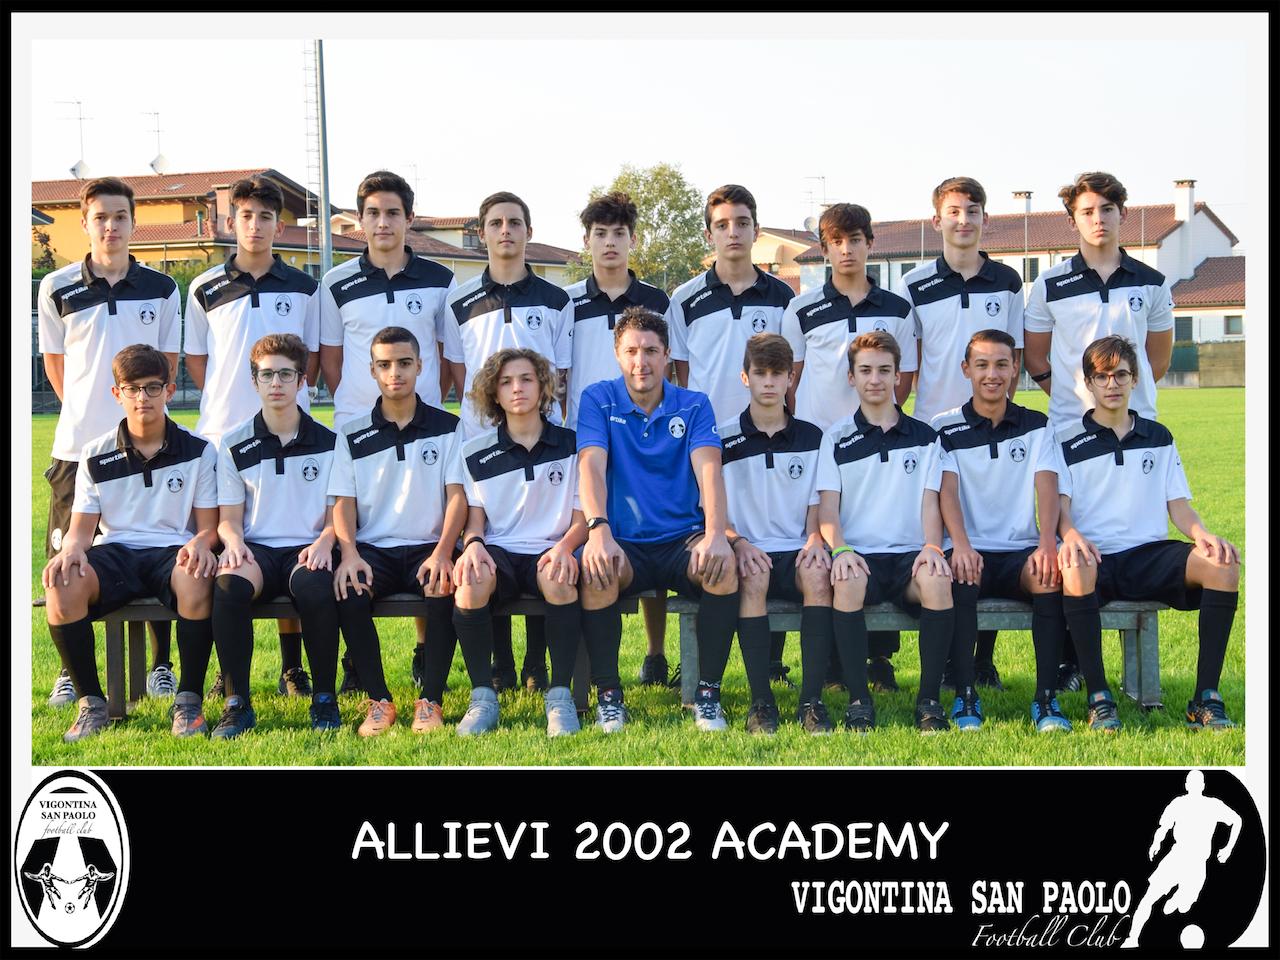 2002 Allievi Academy